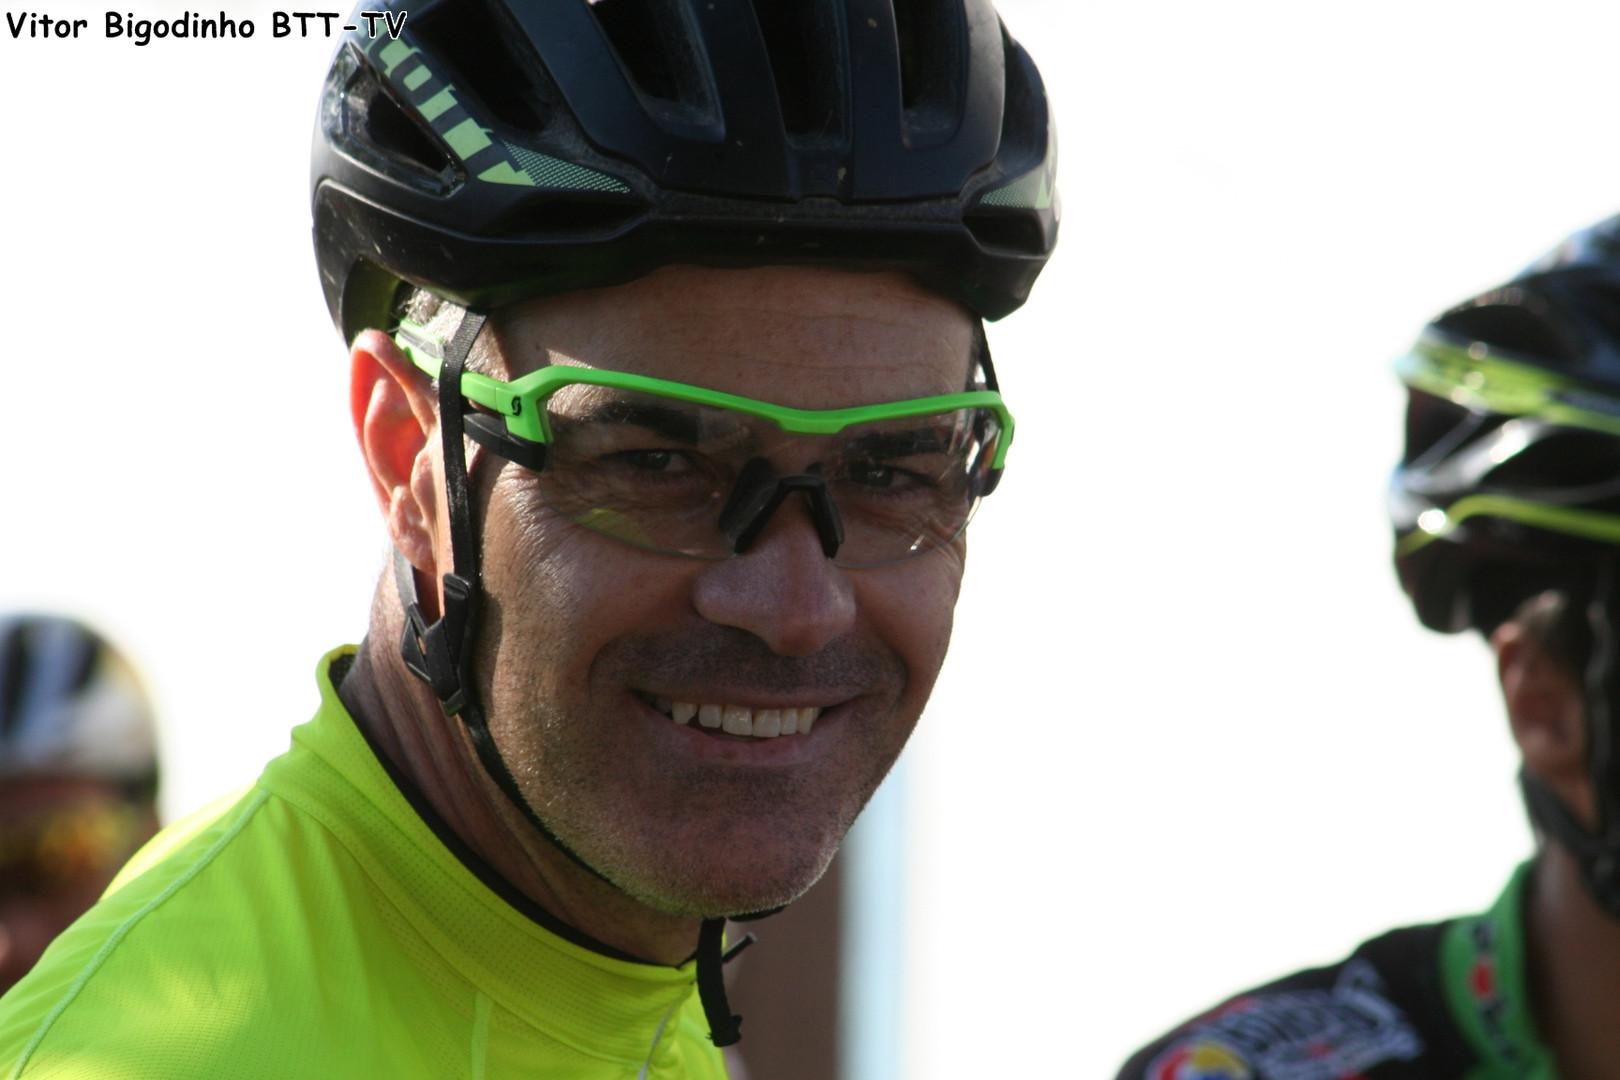 Galácio Carolino